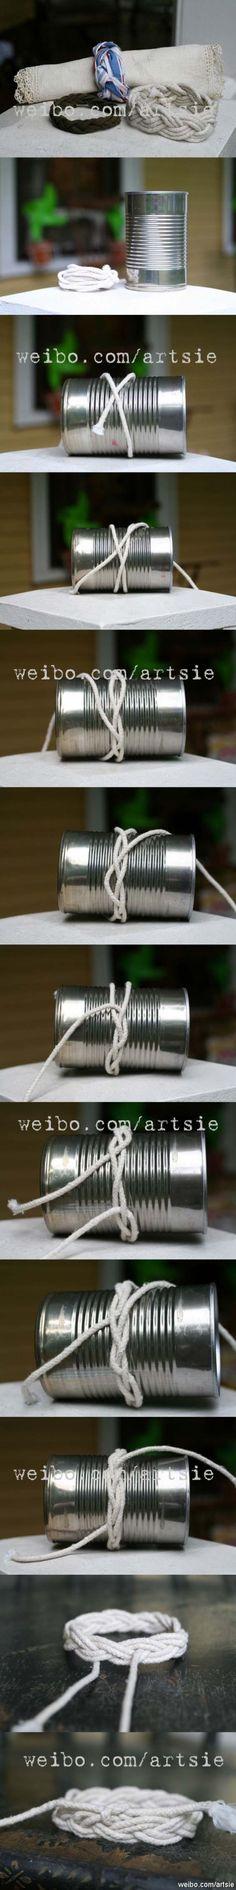 celtic knot bracelets Diy Bijoux, Ideas, Ropes Bracelets, Stuff, Art, Braids Bracelets, Nautical Bracelets, Jewelry, Bracelets Crafts